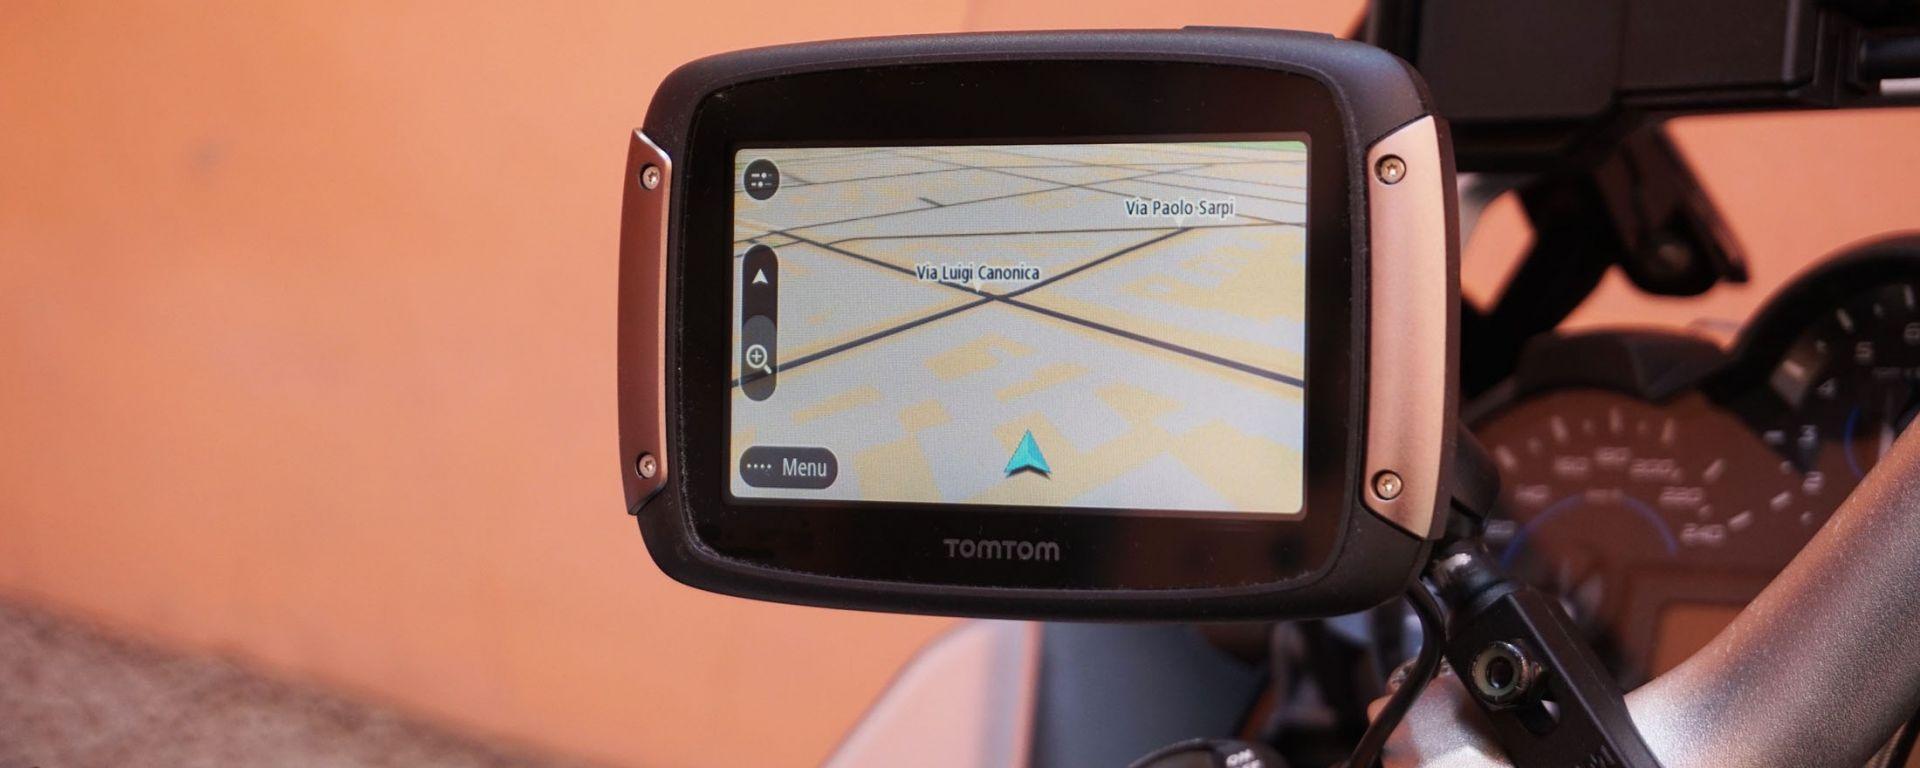 TomTom Rider 450: viaggiare in moto senza problemi